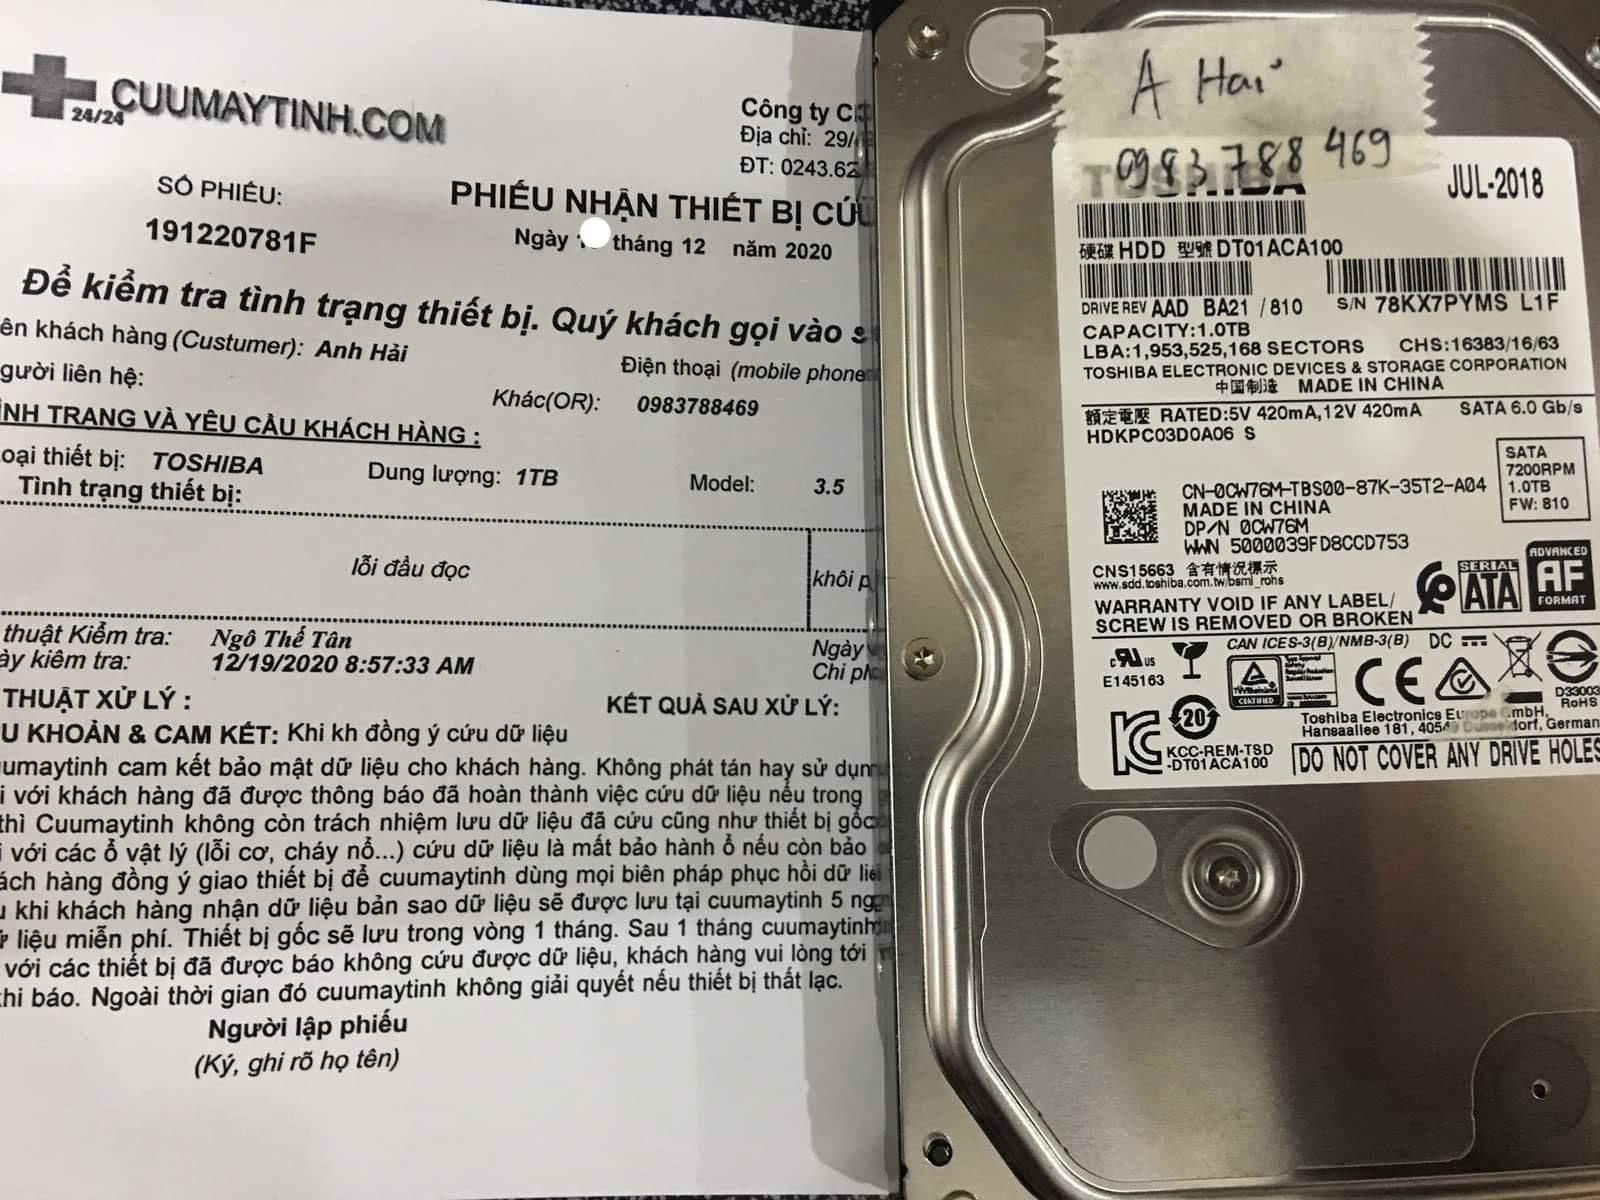 Lấy dữ liệu ổ cứng Toshiba 1TB lỗi đầu đọc - 21/12/2020 - cuumaytinh